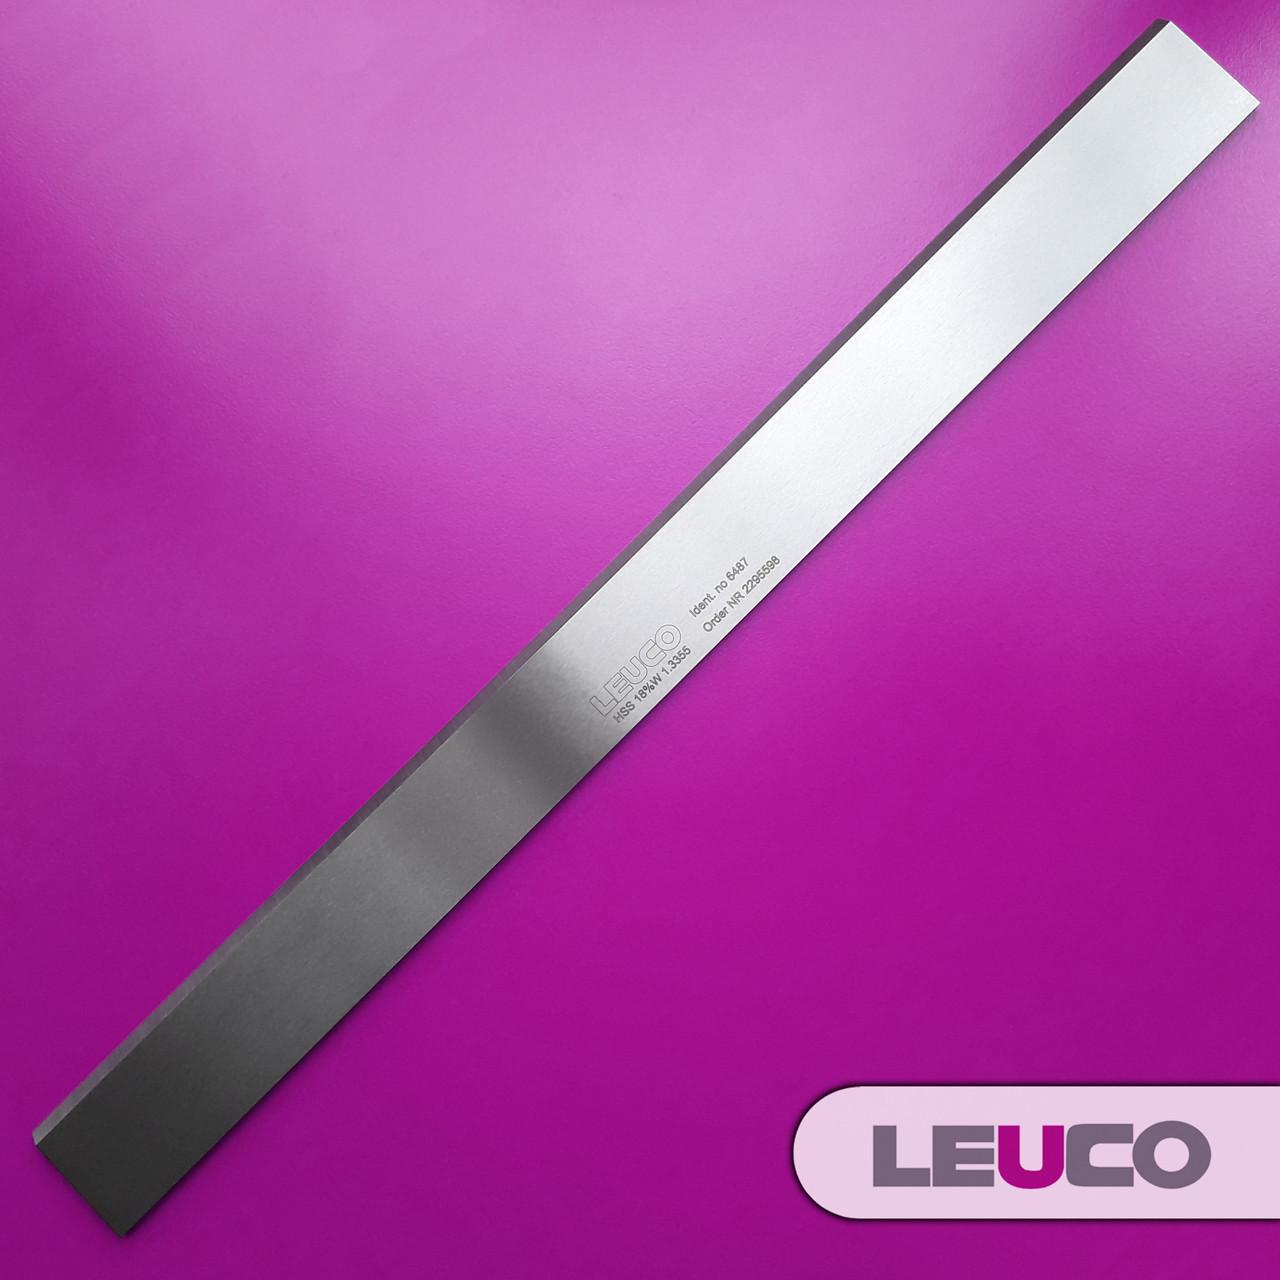 410х35x3 HSS 18% Строгальные (фуговальные) ножи Leuco для фуганков и рейсмусов